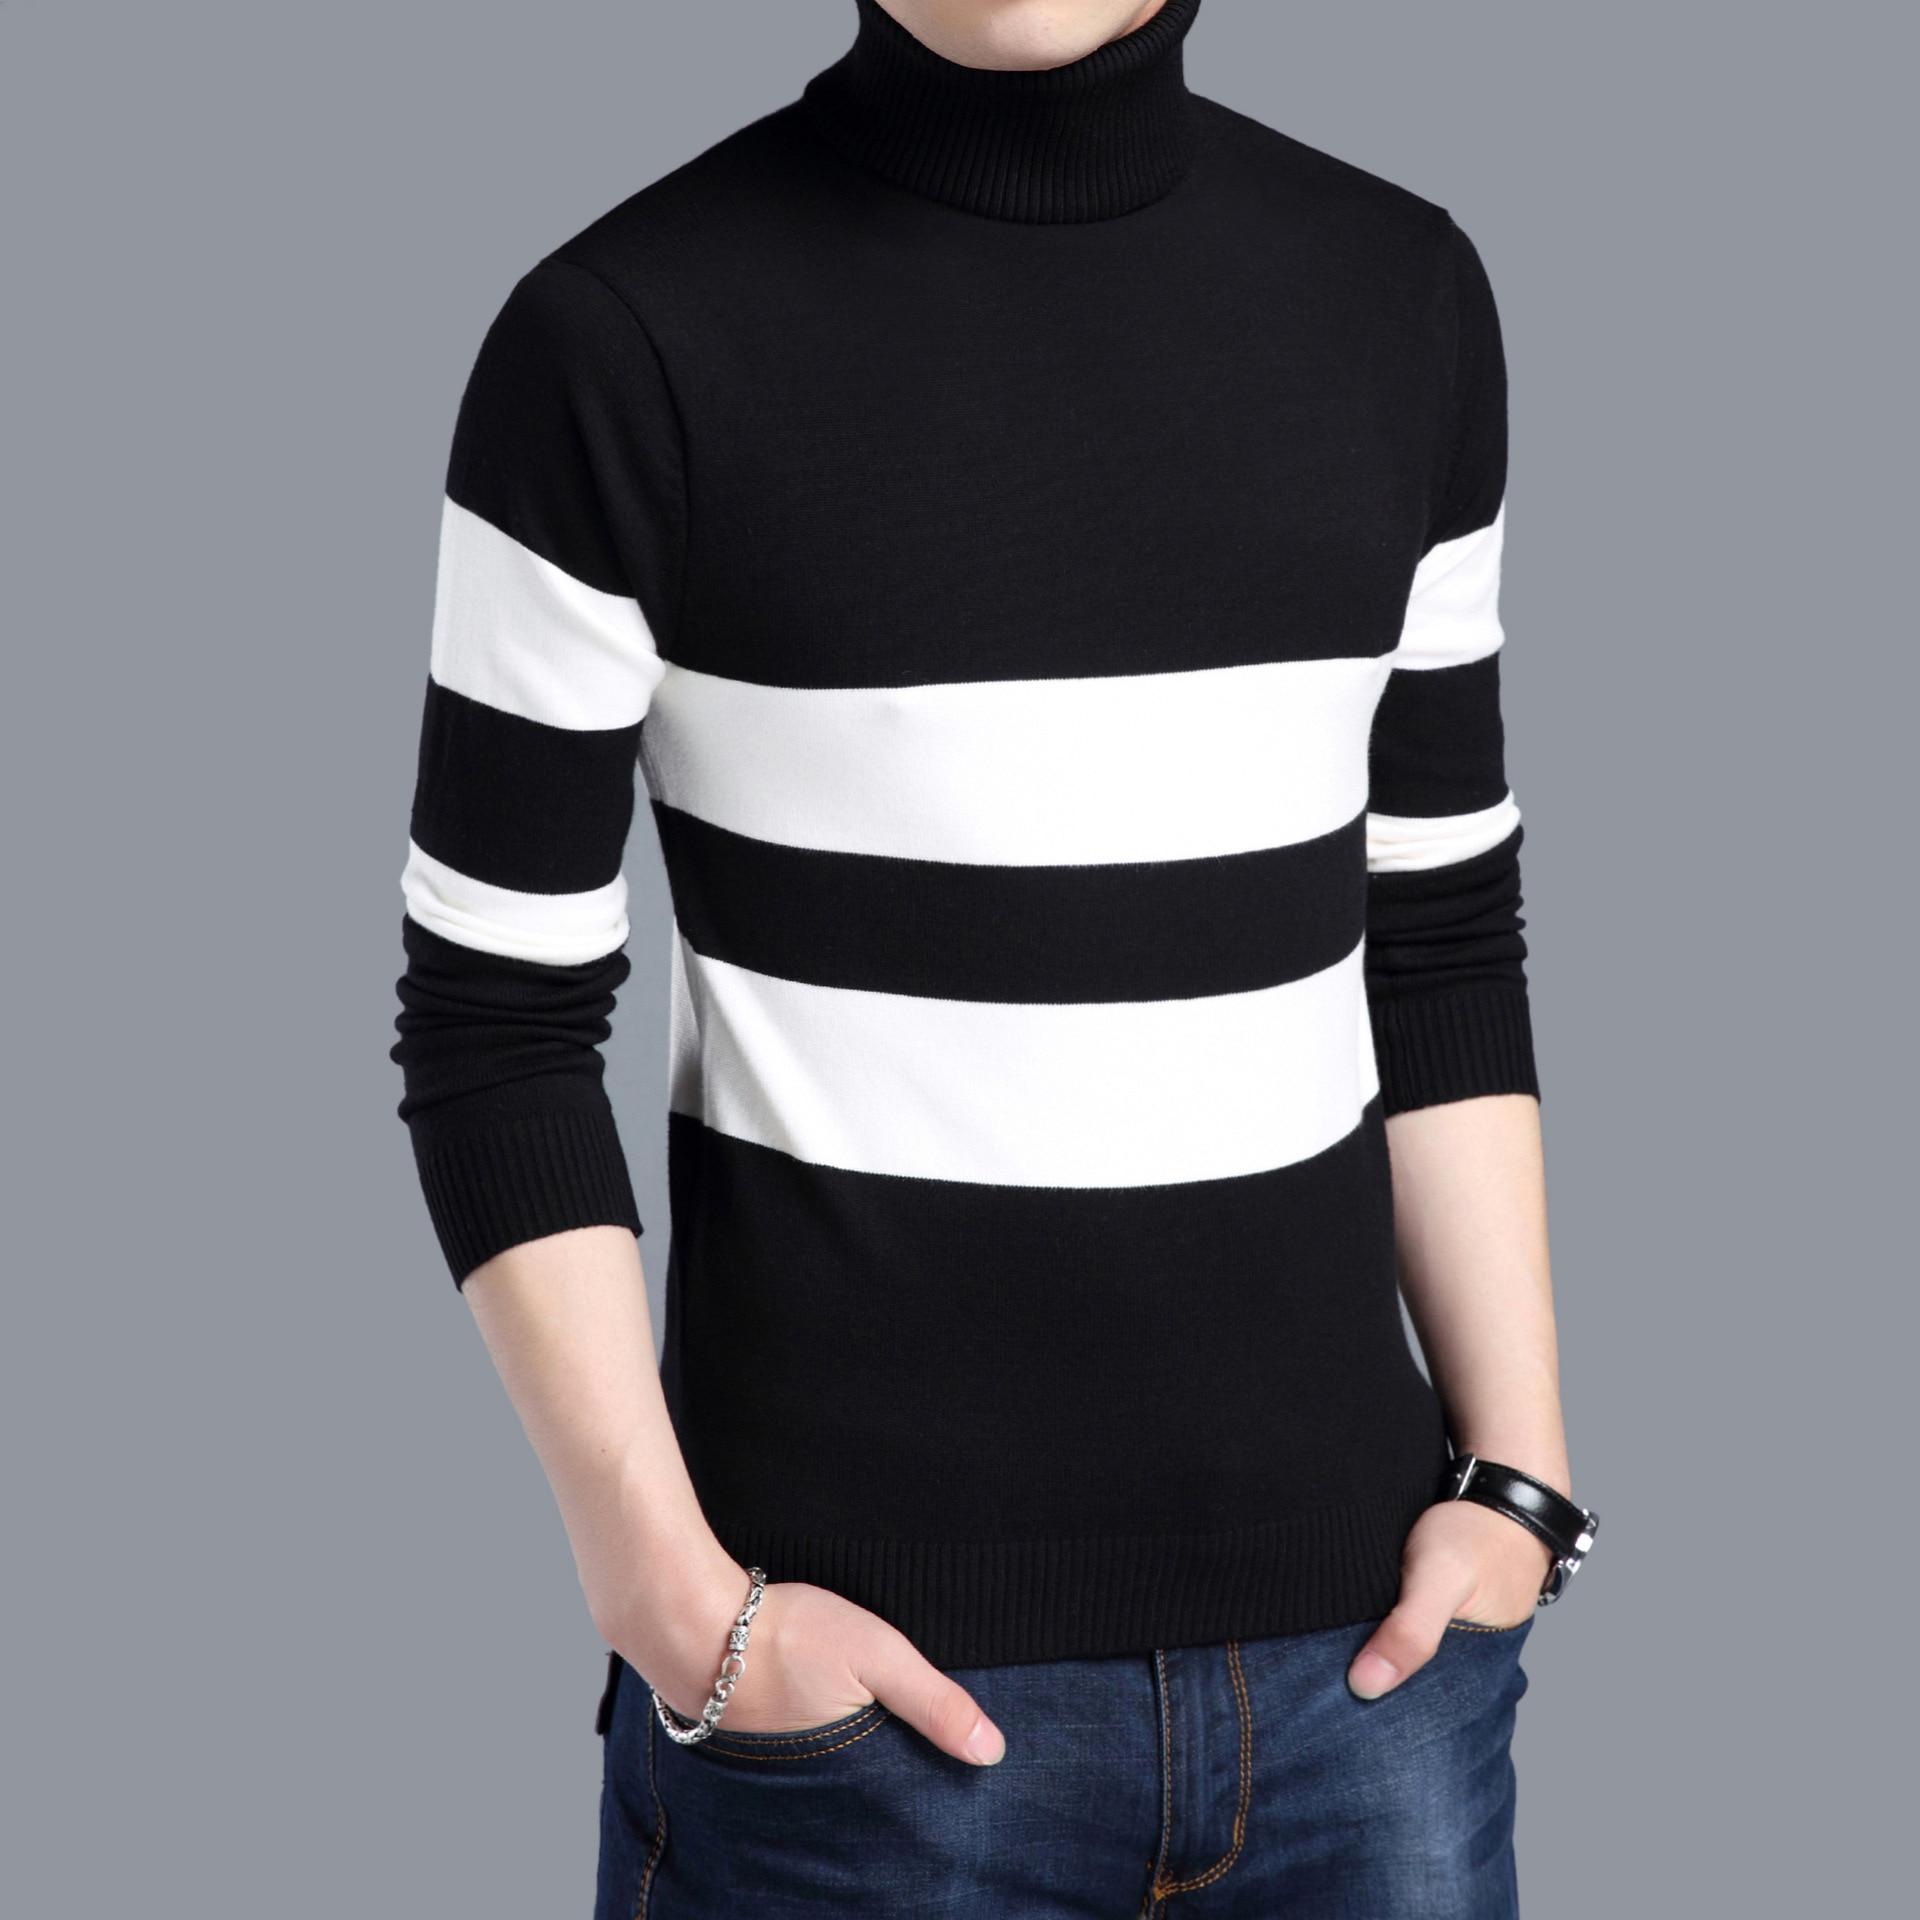 45658ce01845 Men s Winter Warm Thicken Woolen Turtleneck Sweater Autumn Knitted ...